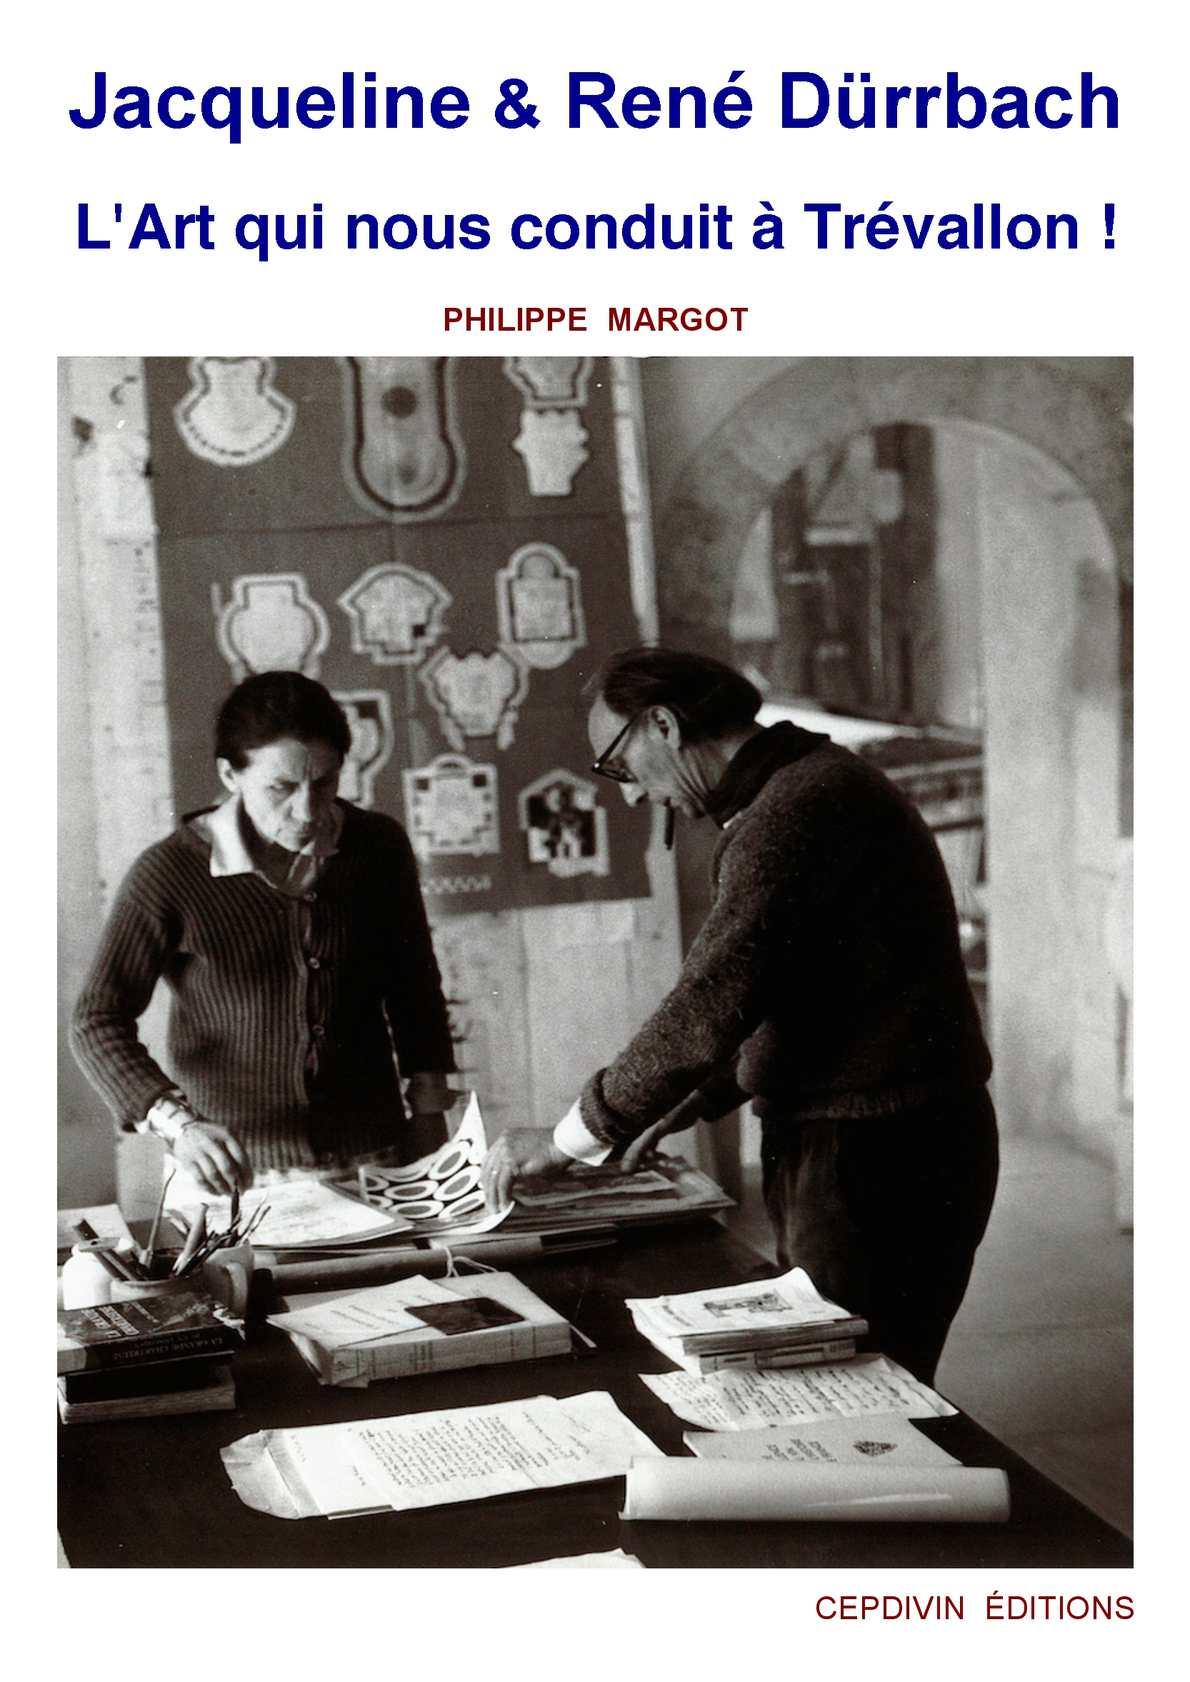 Jacqueline & René Dürrbach - L'Art qui nous conduit à Trévallon